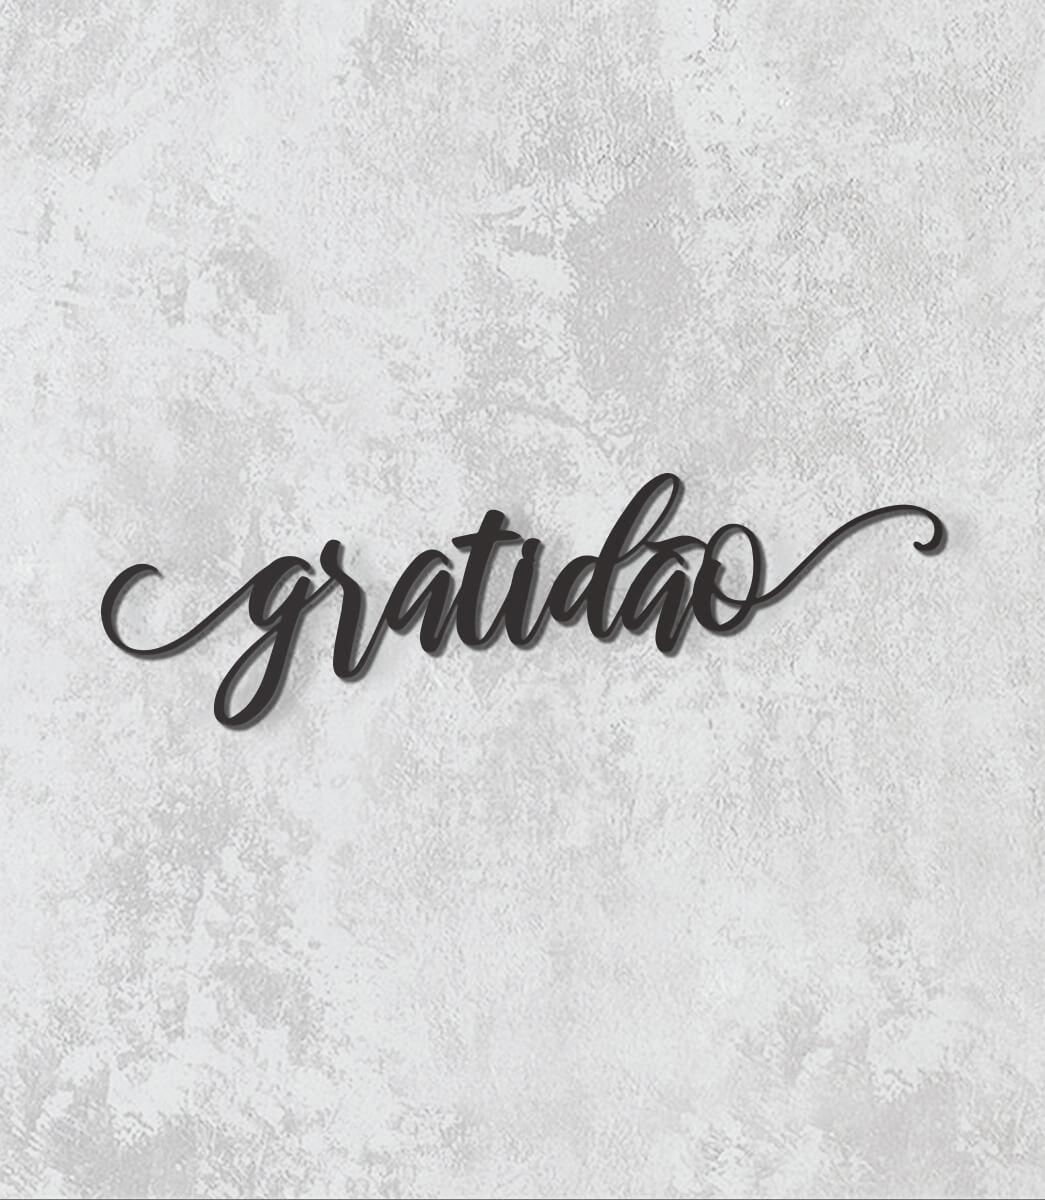 Palavras de parade - Gratidão